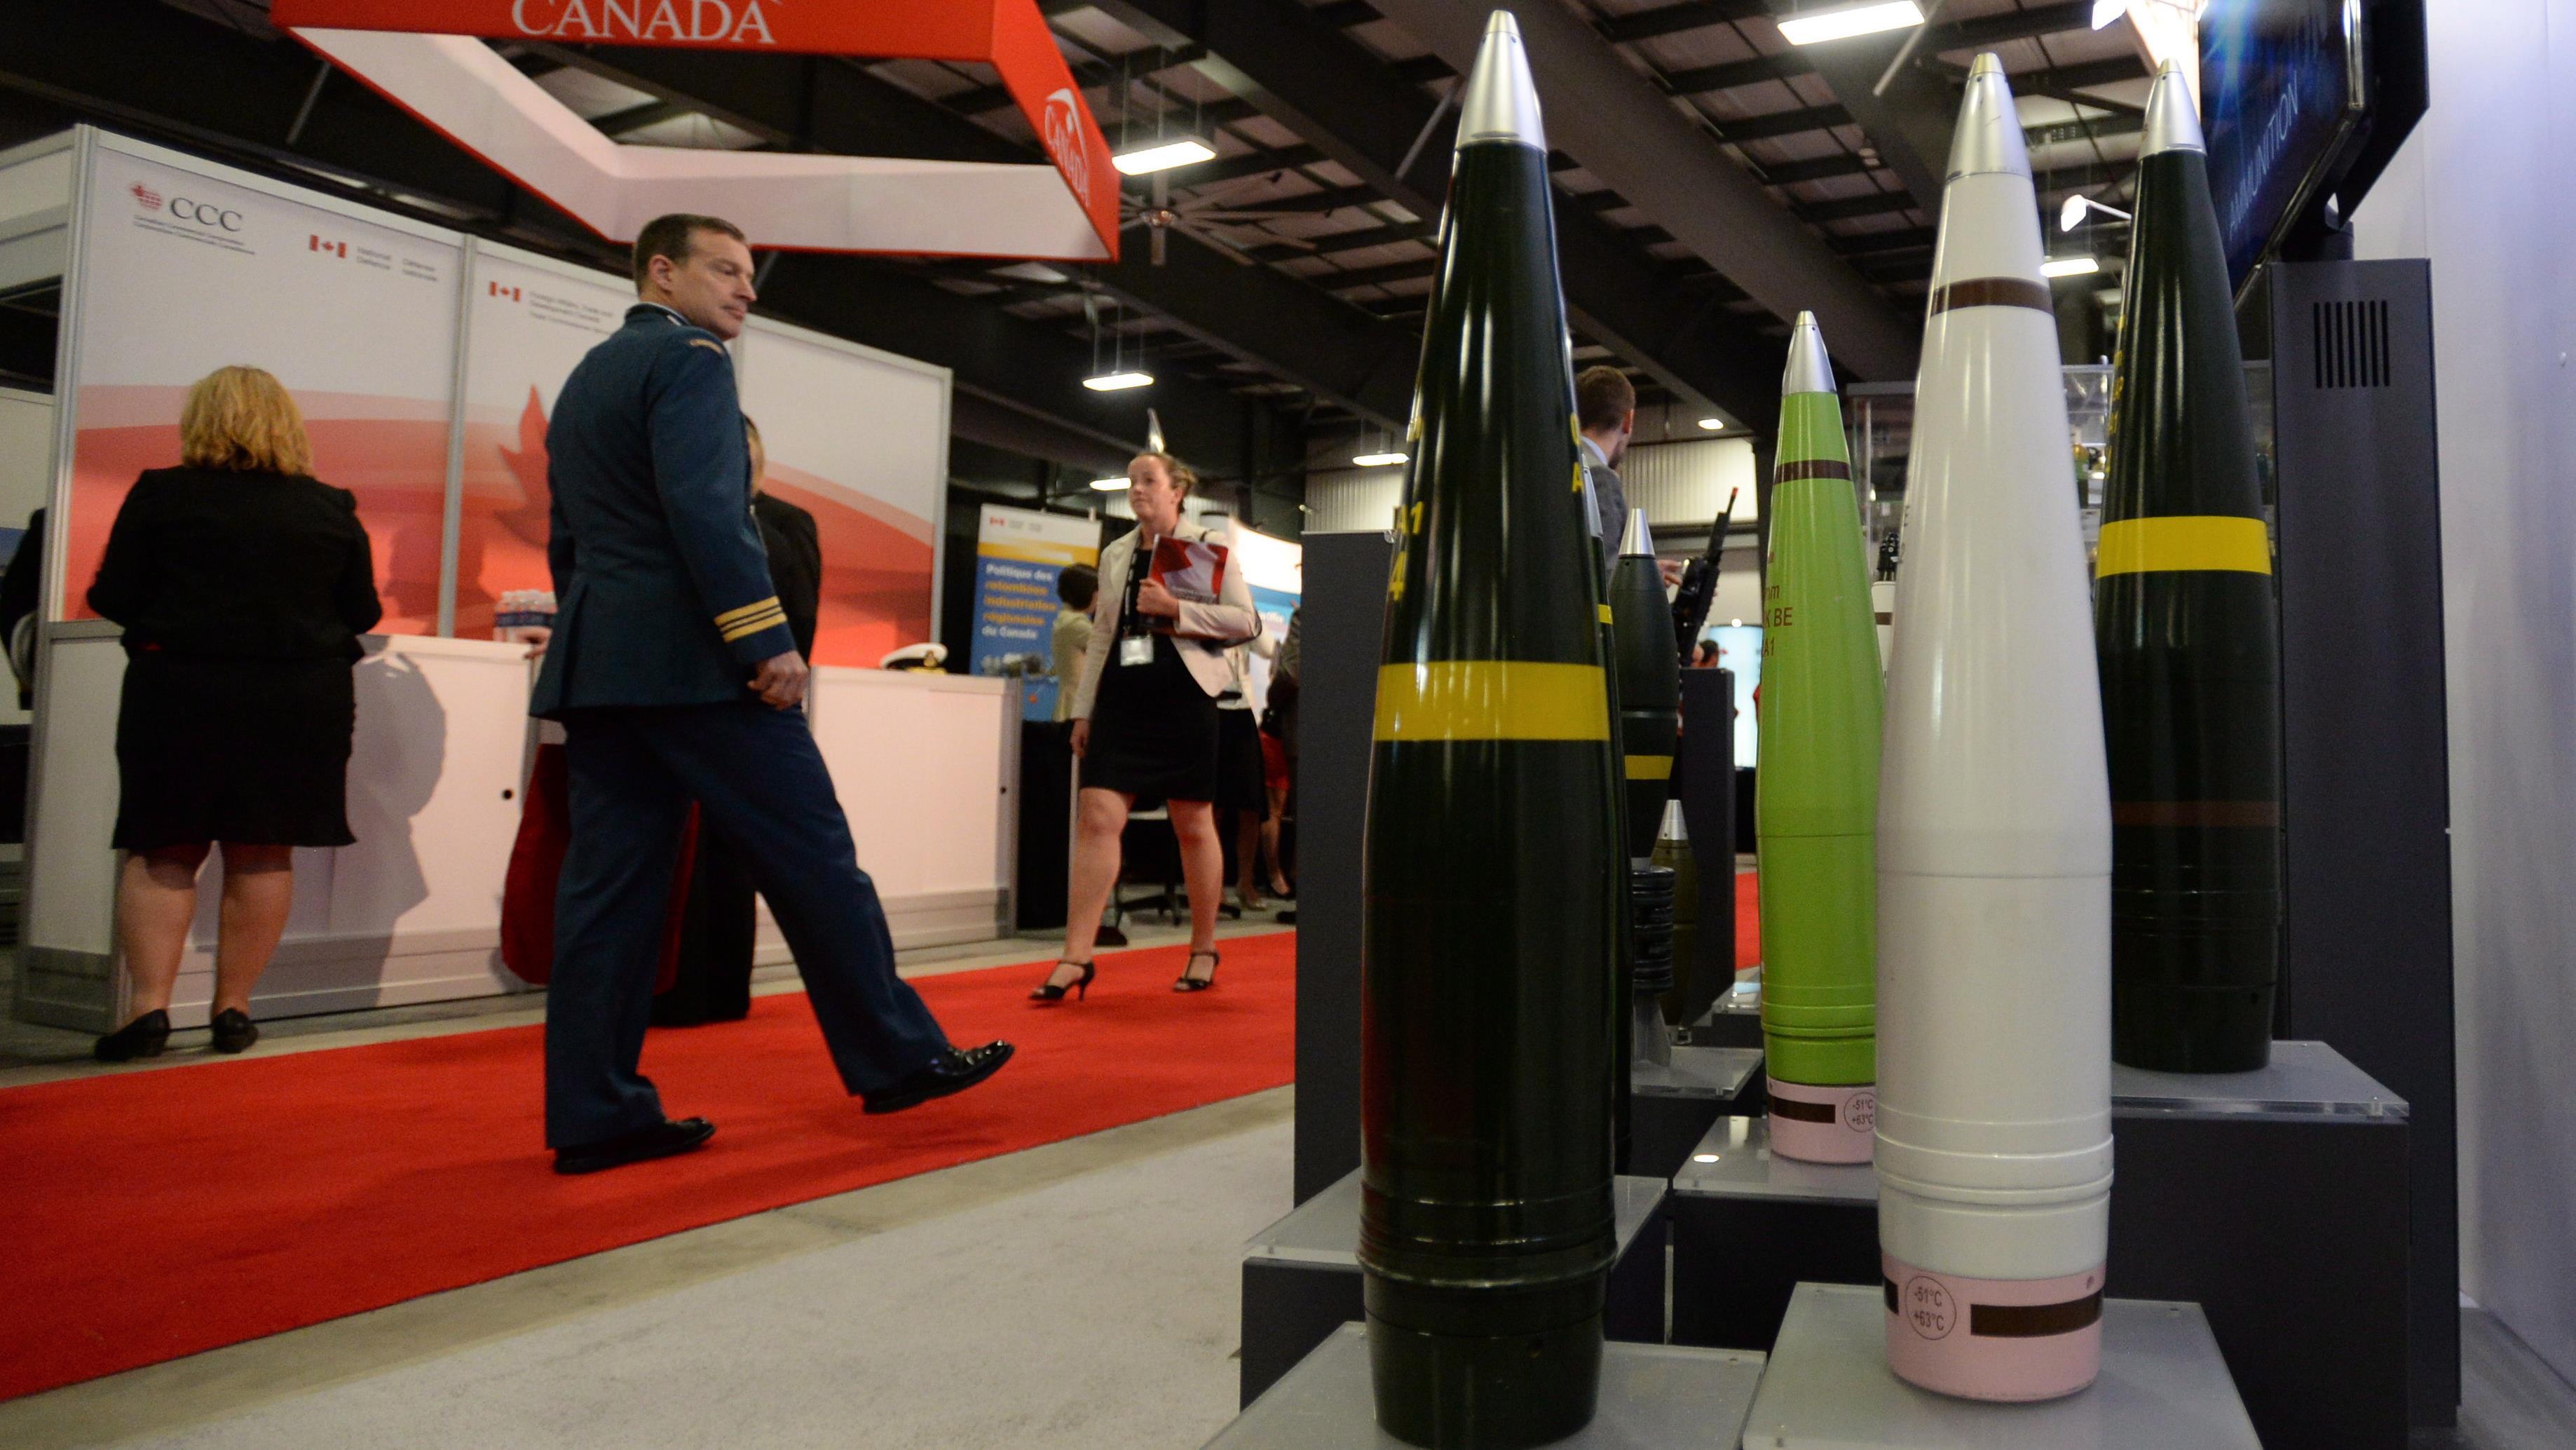 Des bombes sont exposées dans le cadre d'un salon commercial militaire